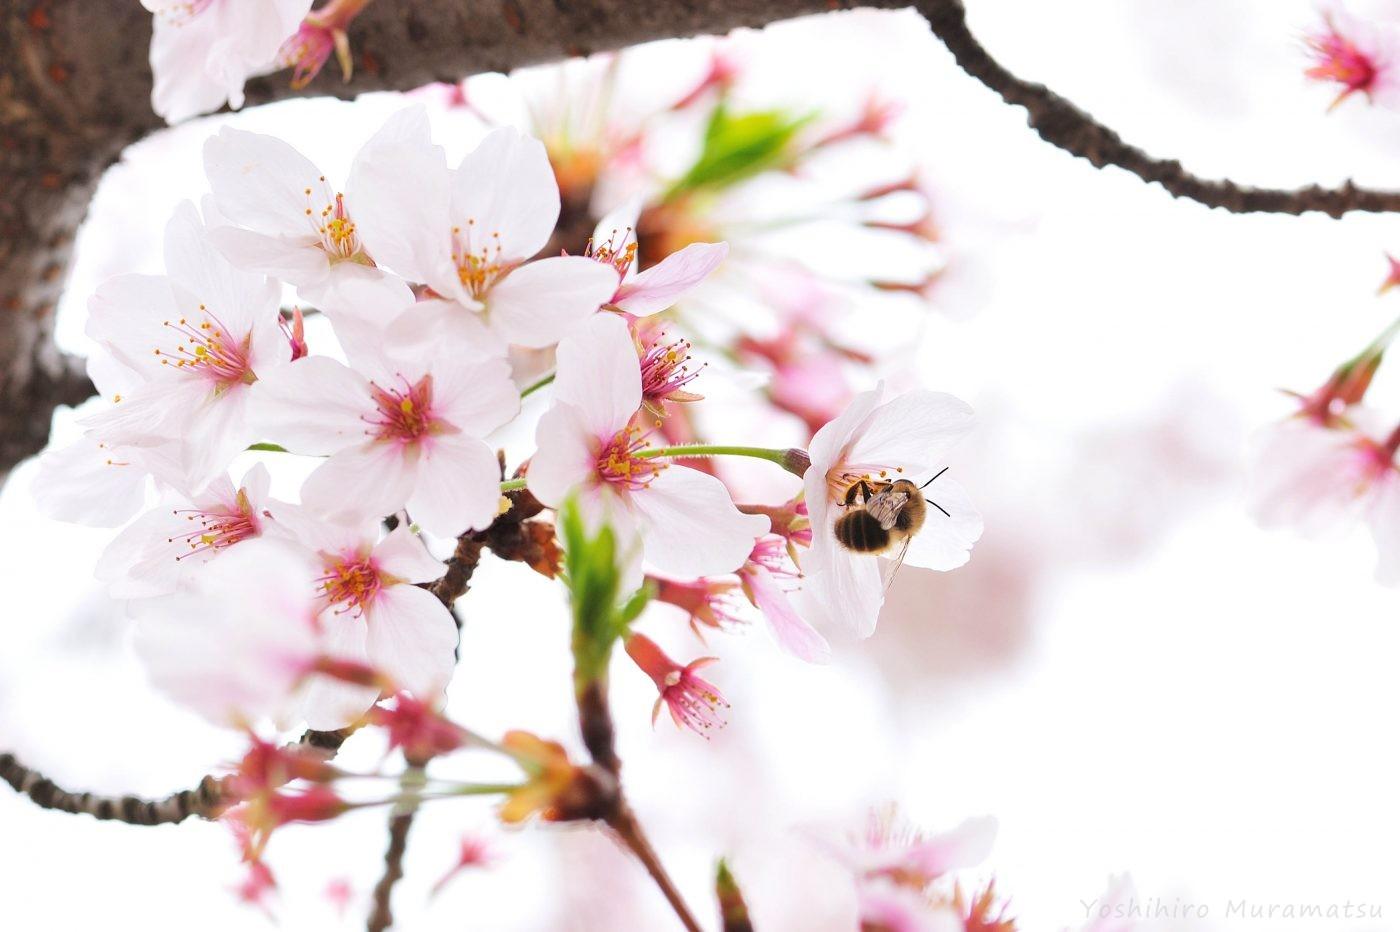 桜ヒゲナガバチの一種